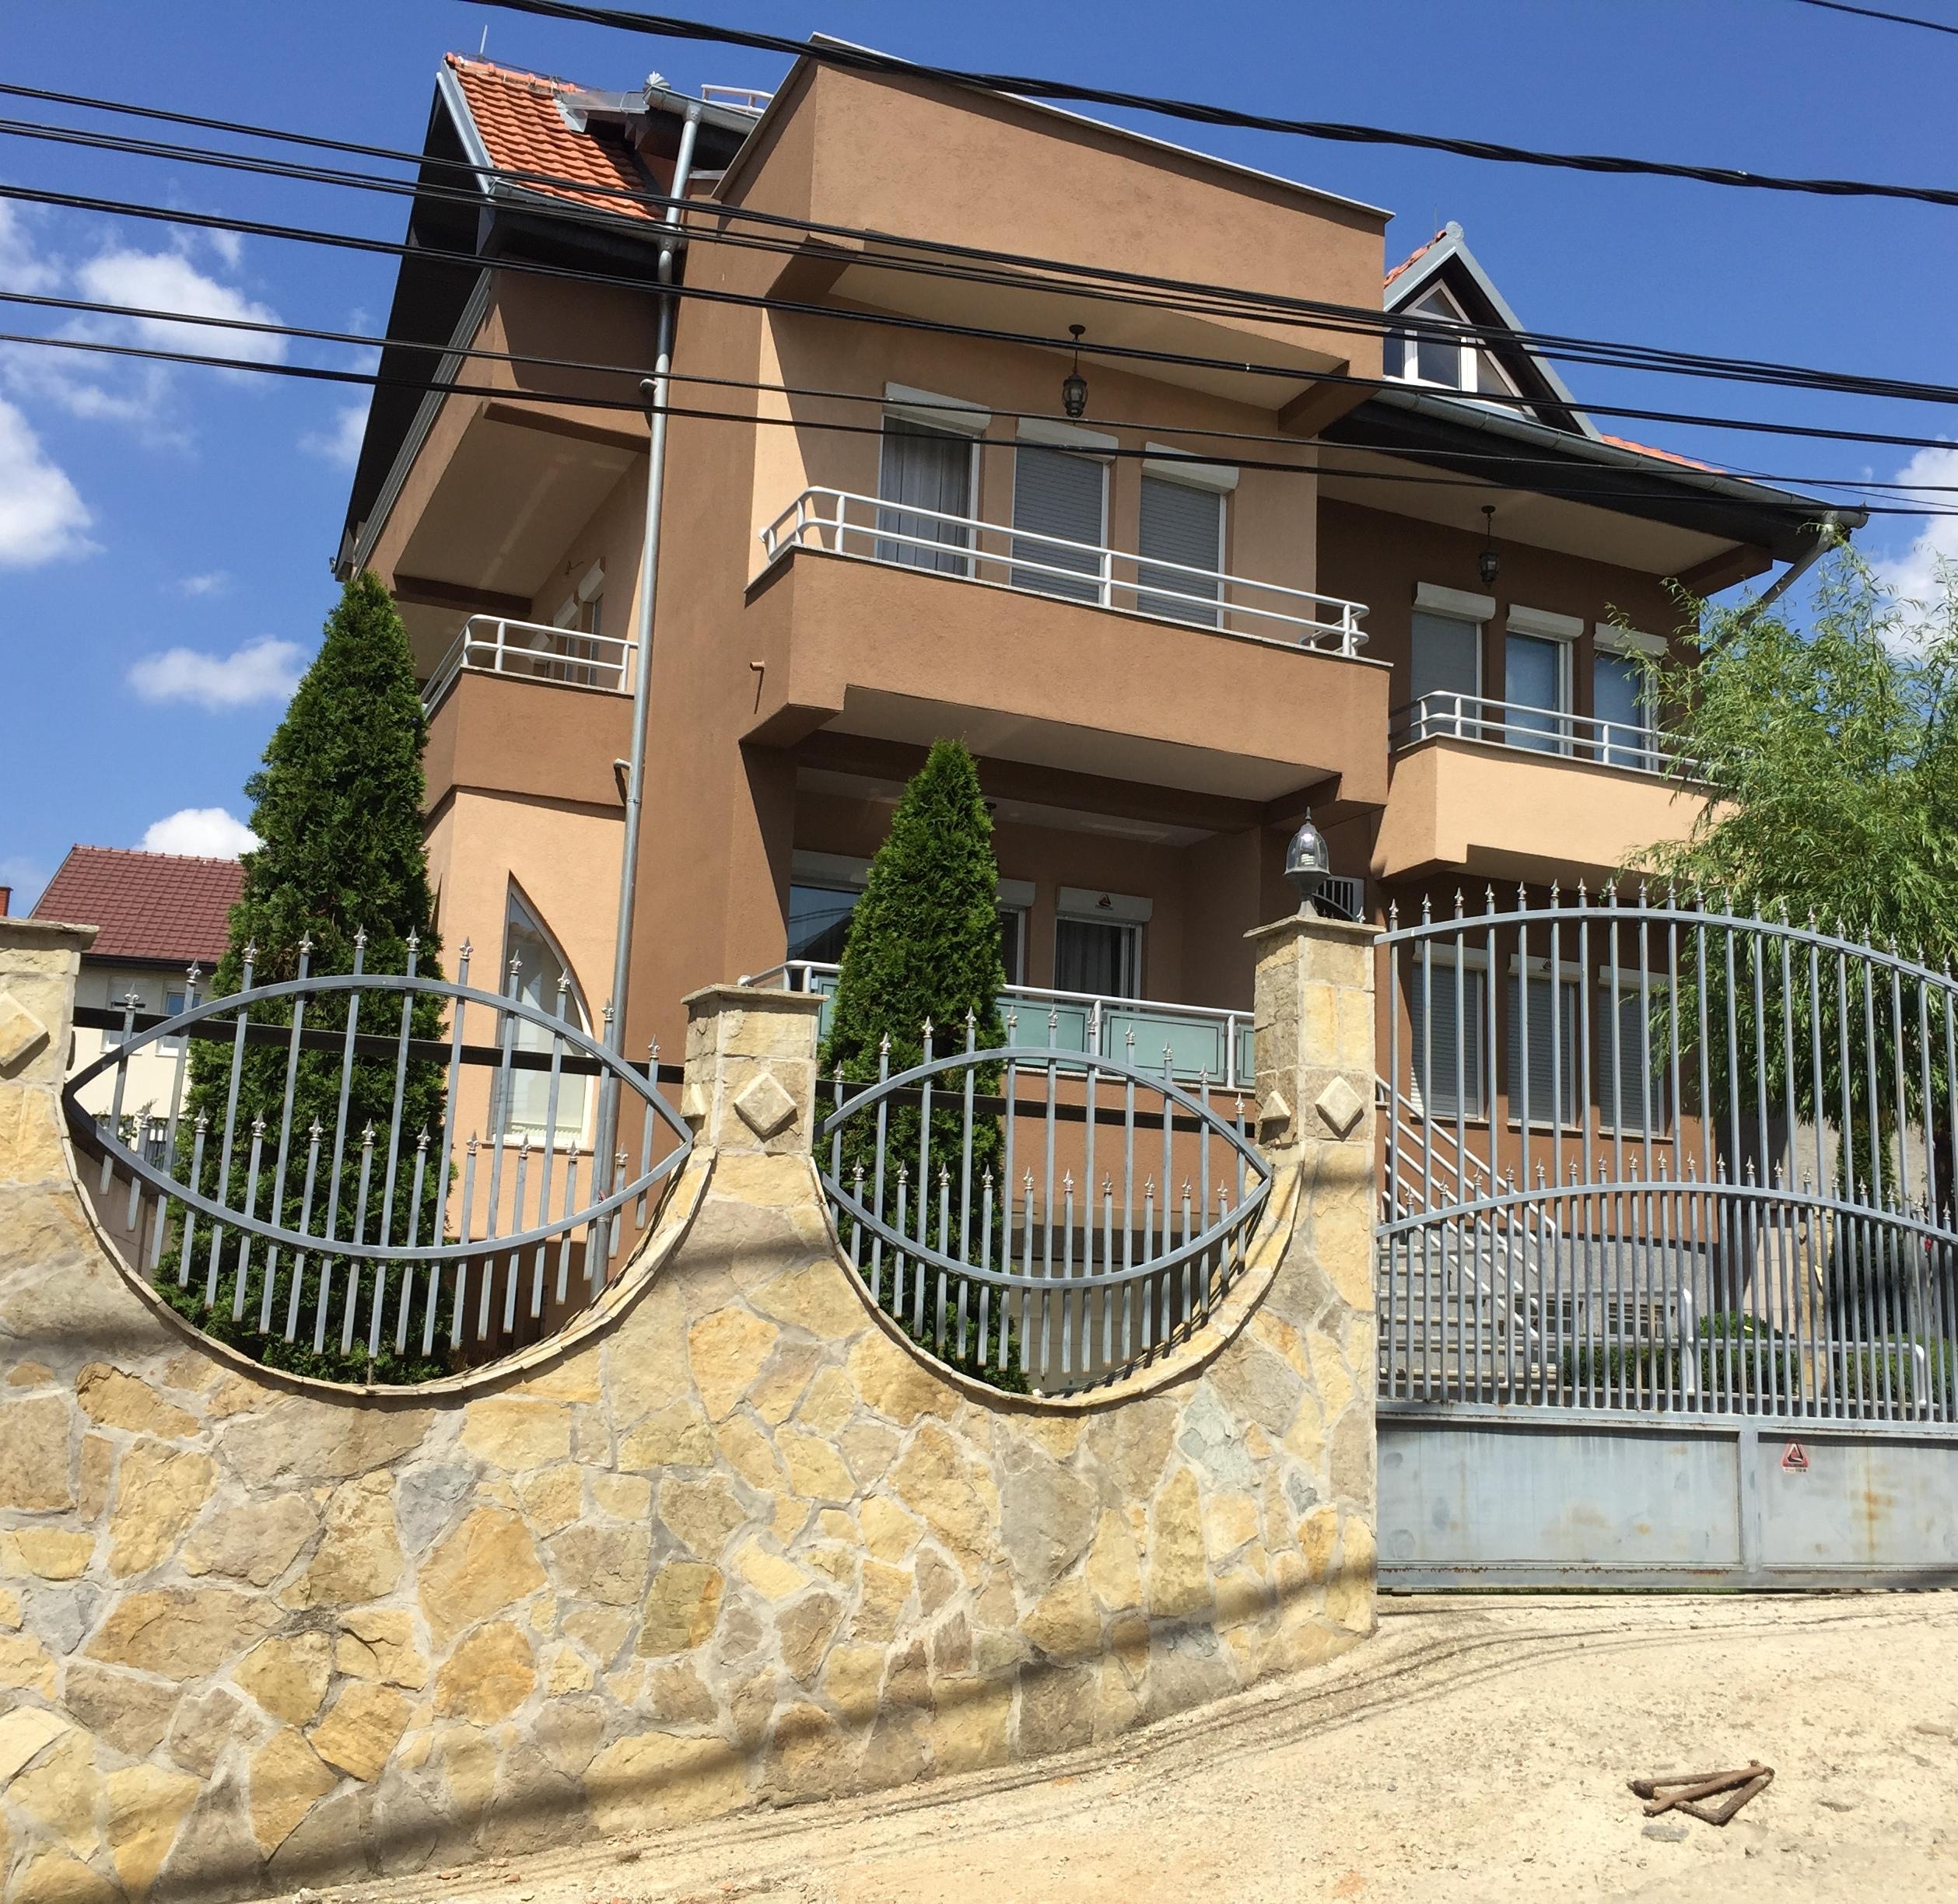 Shitet Shtepia e Re 3 kate me 2.5 Ari Truall në Prishtinë në lagjen Velani